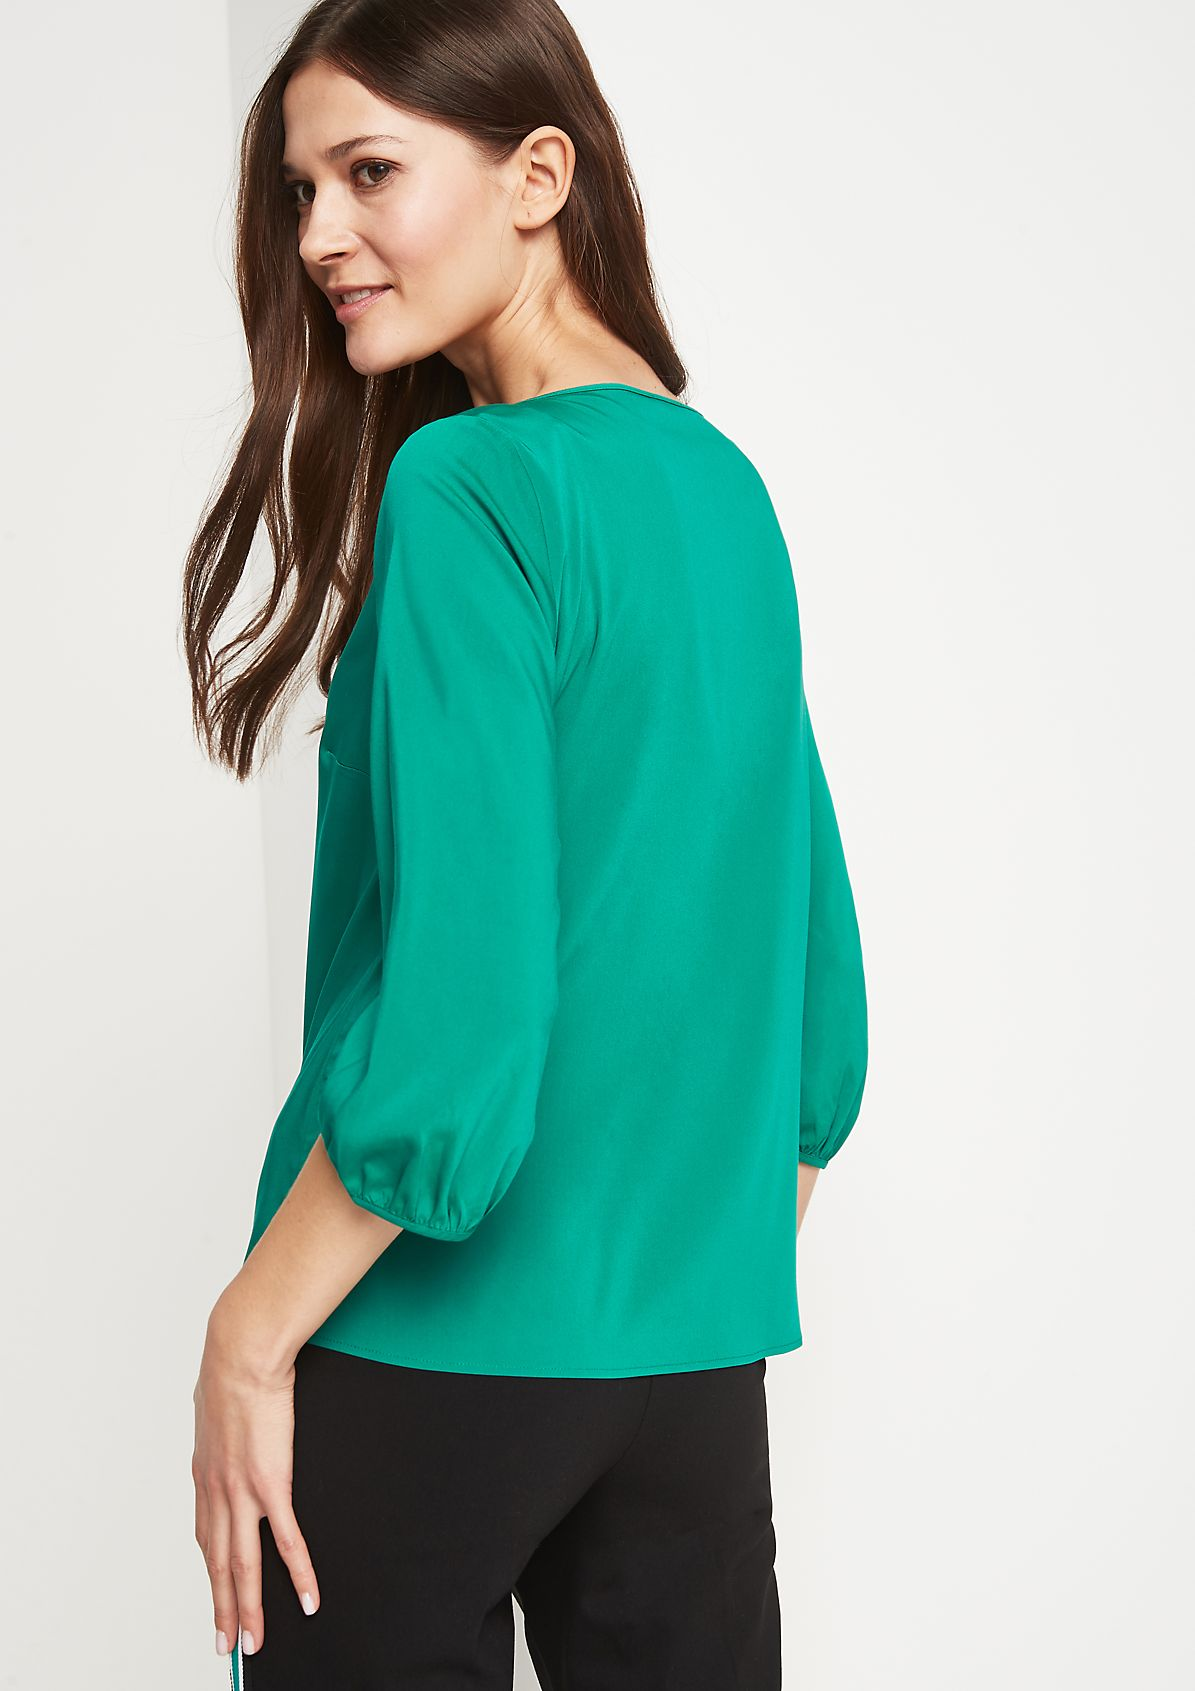 Zarte Bluse mit raffinierten Details